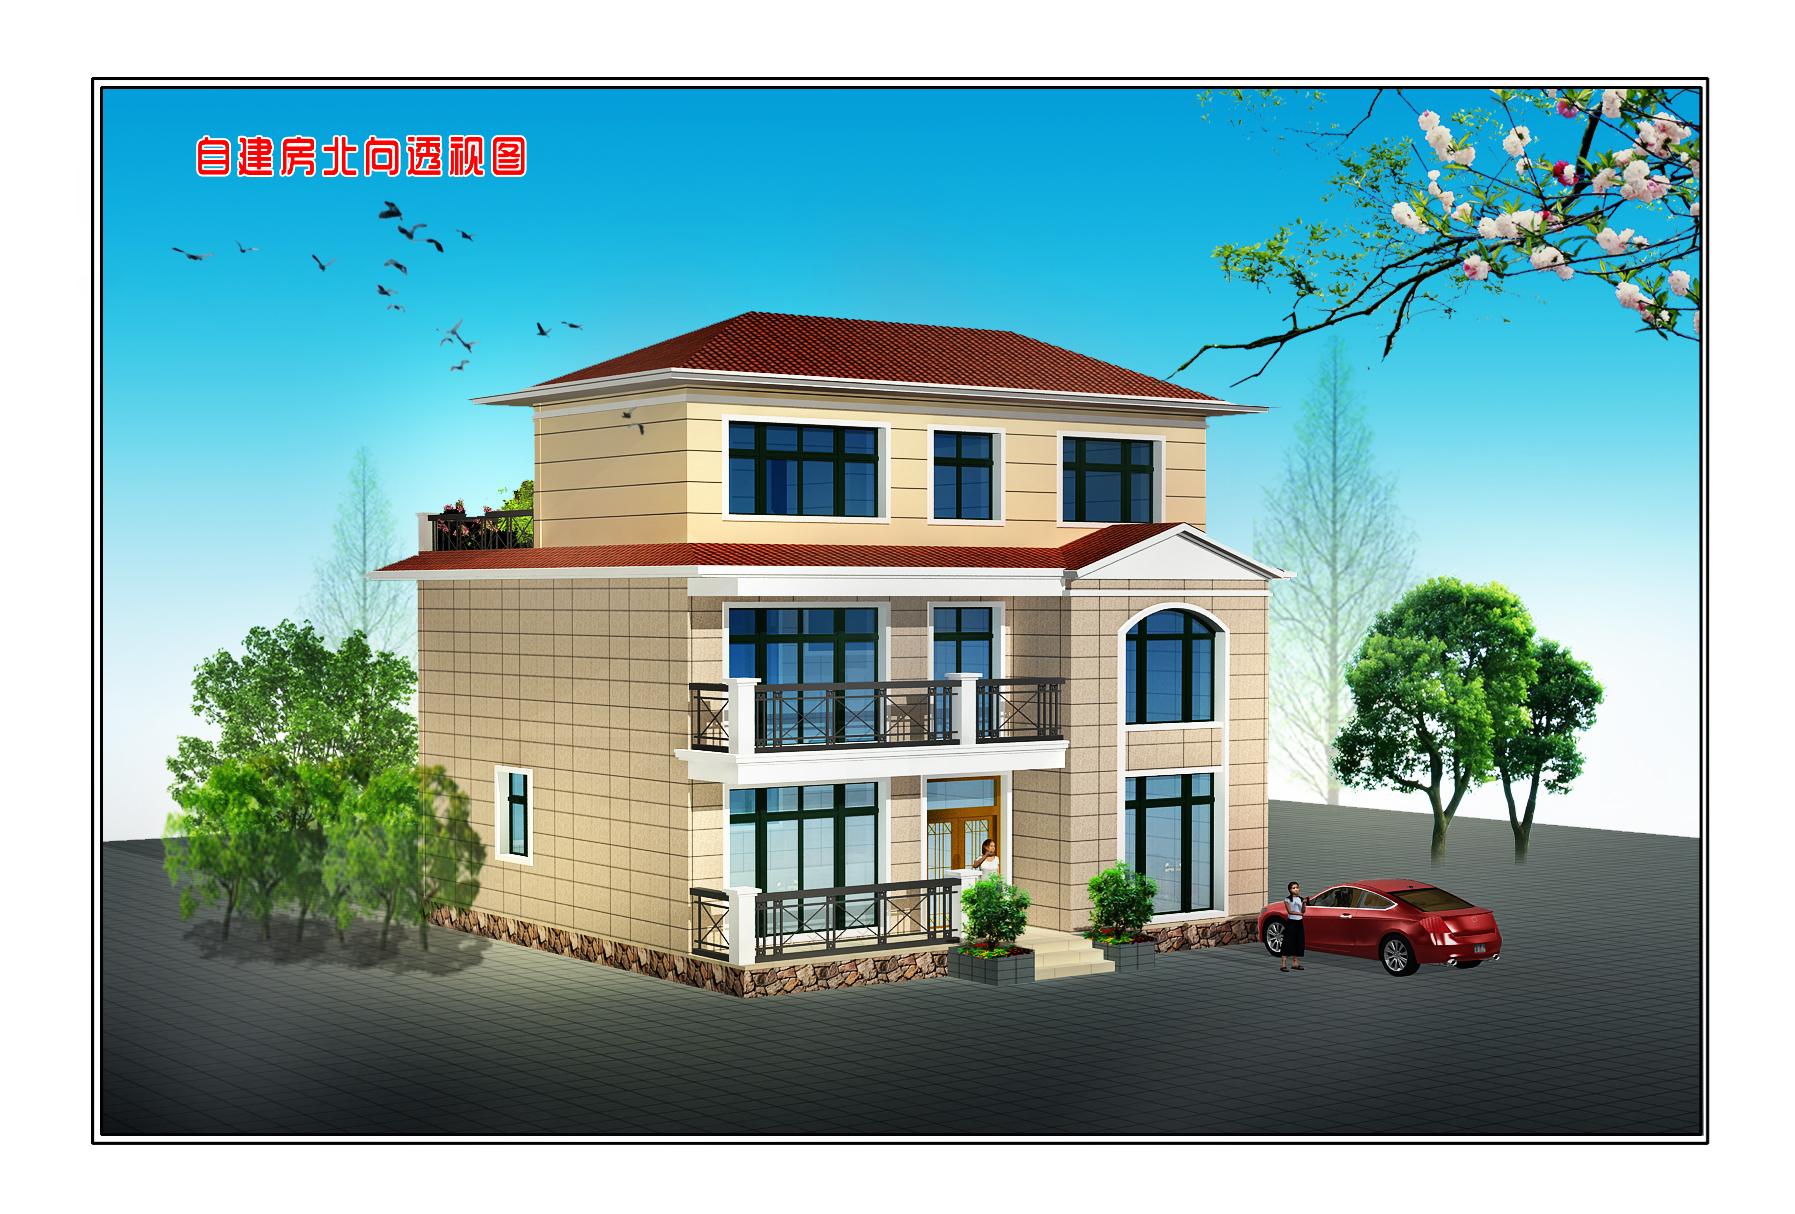 农村5层半自建房外观设计图展示